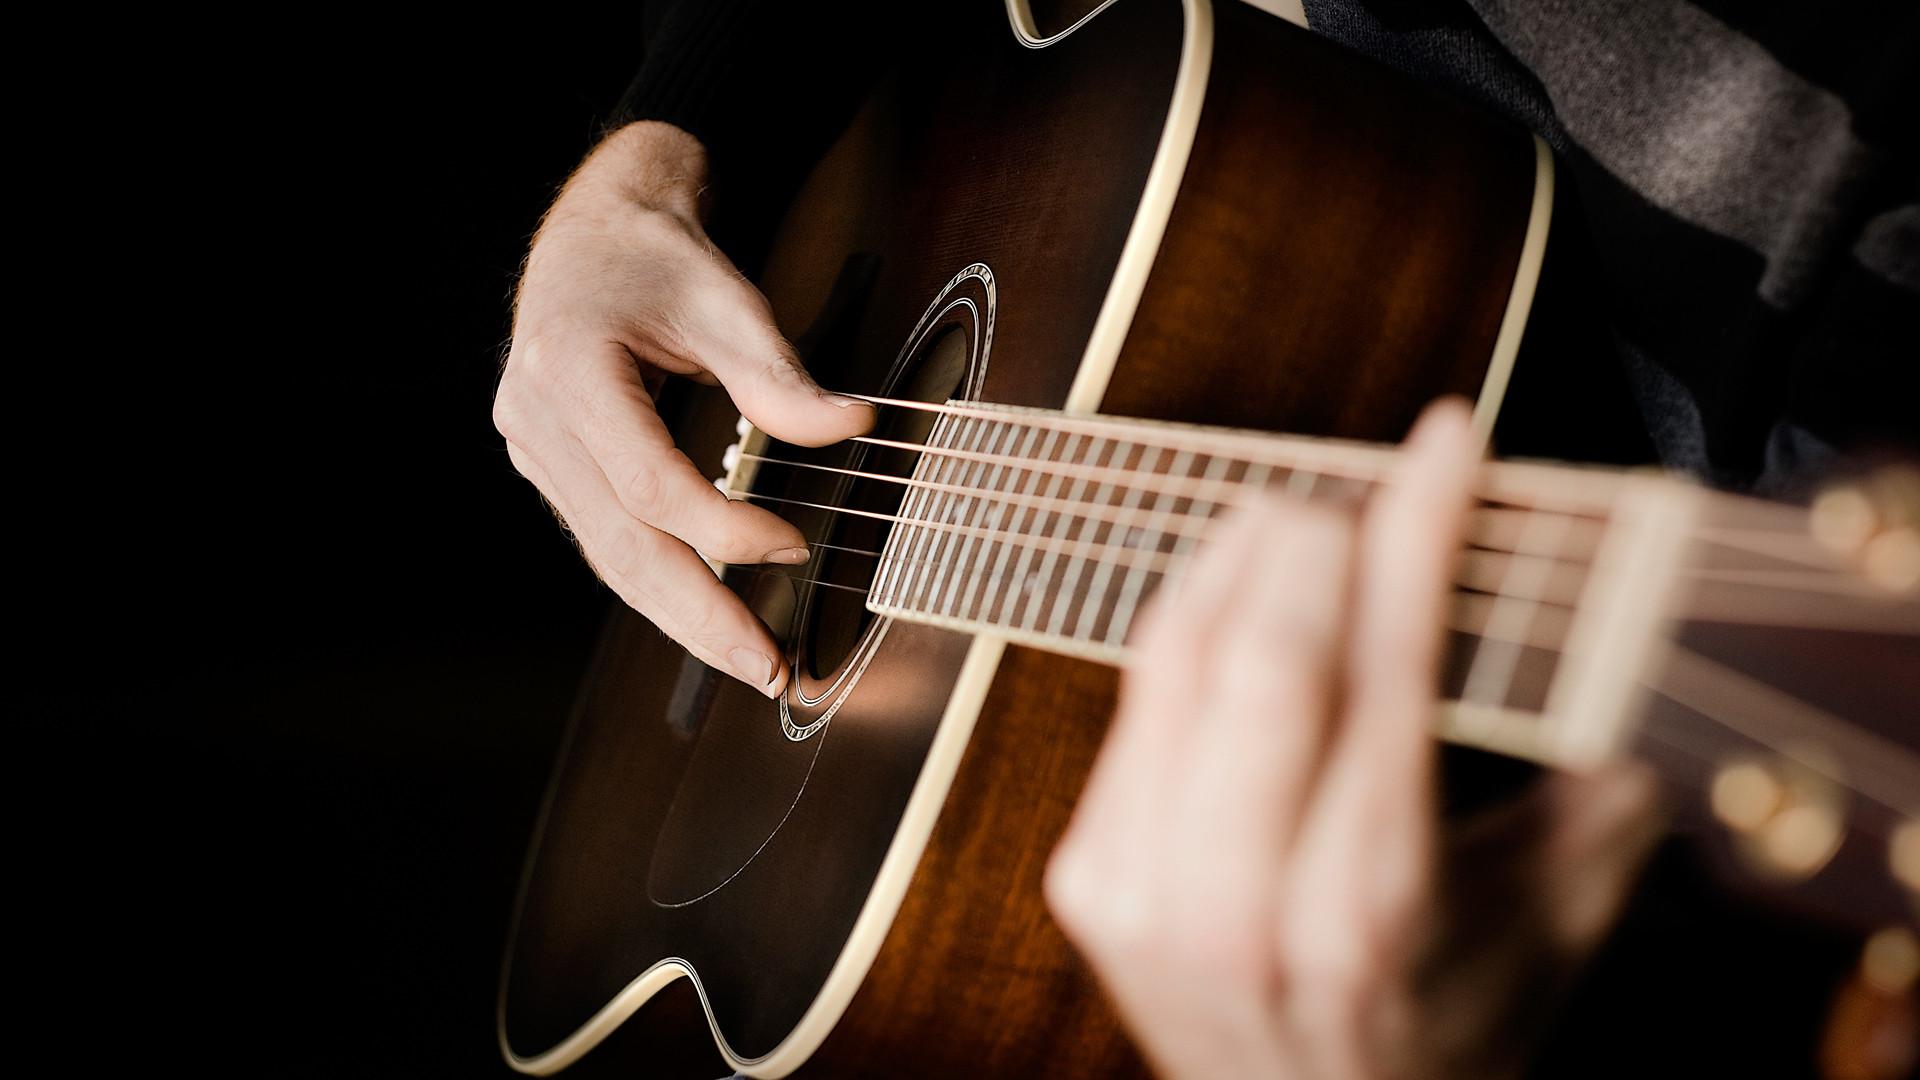 Playing Guitar Desktop Wallpaper 58786